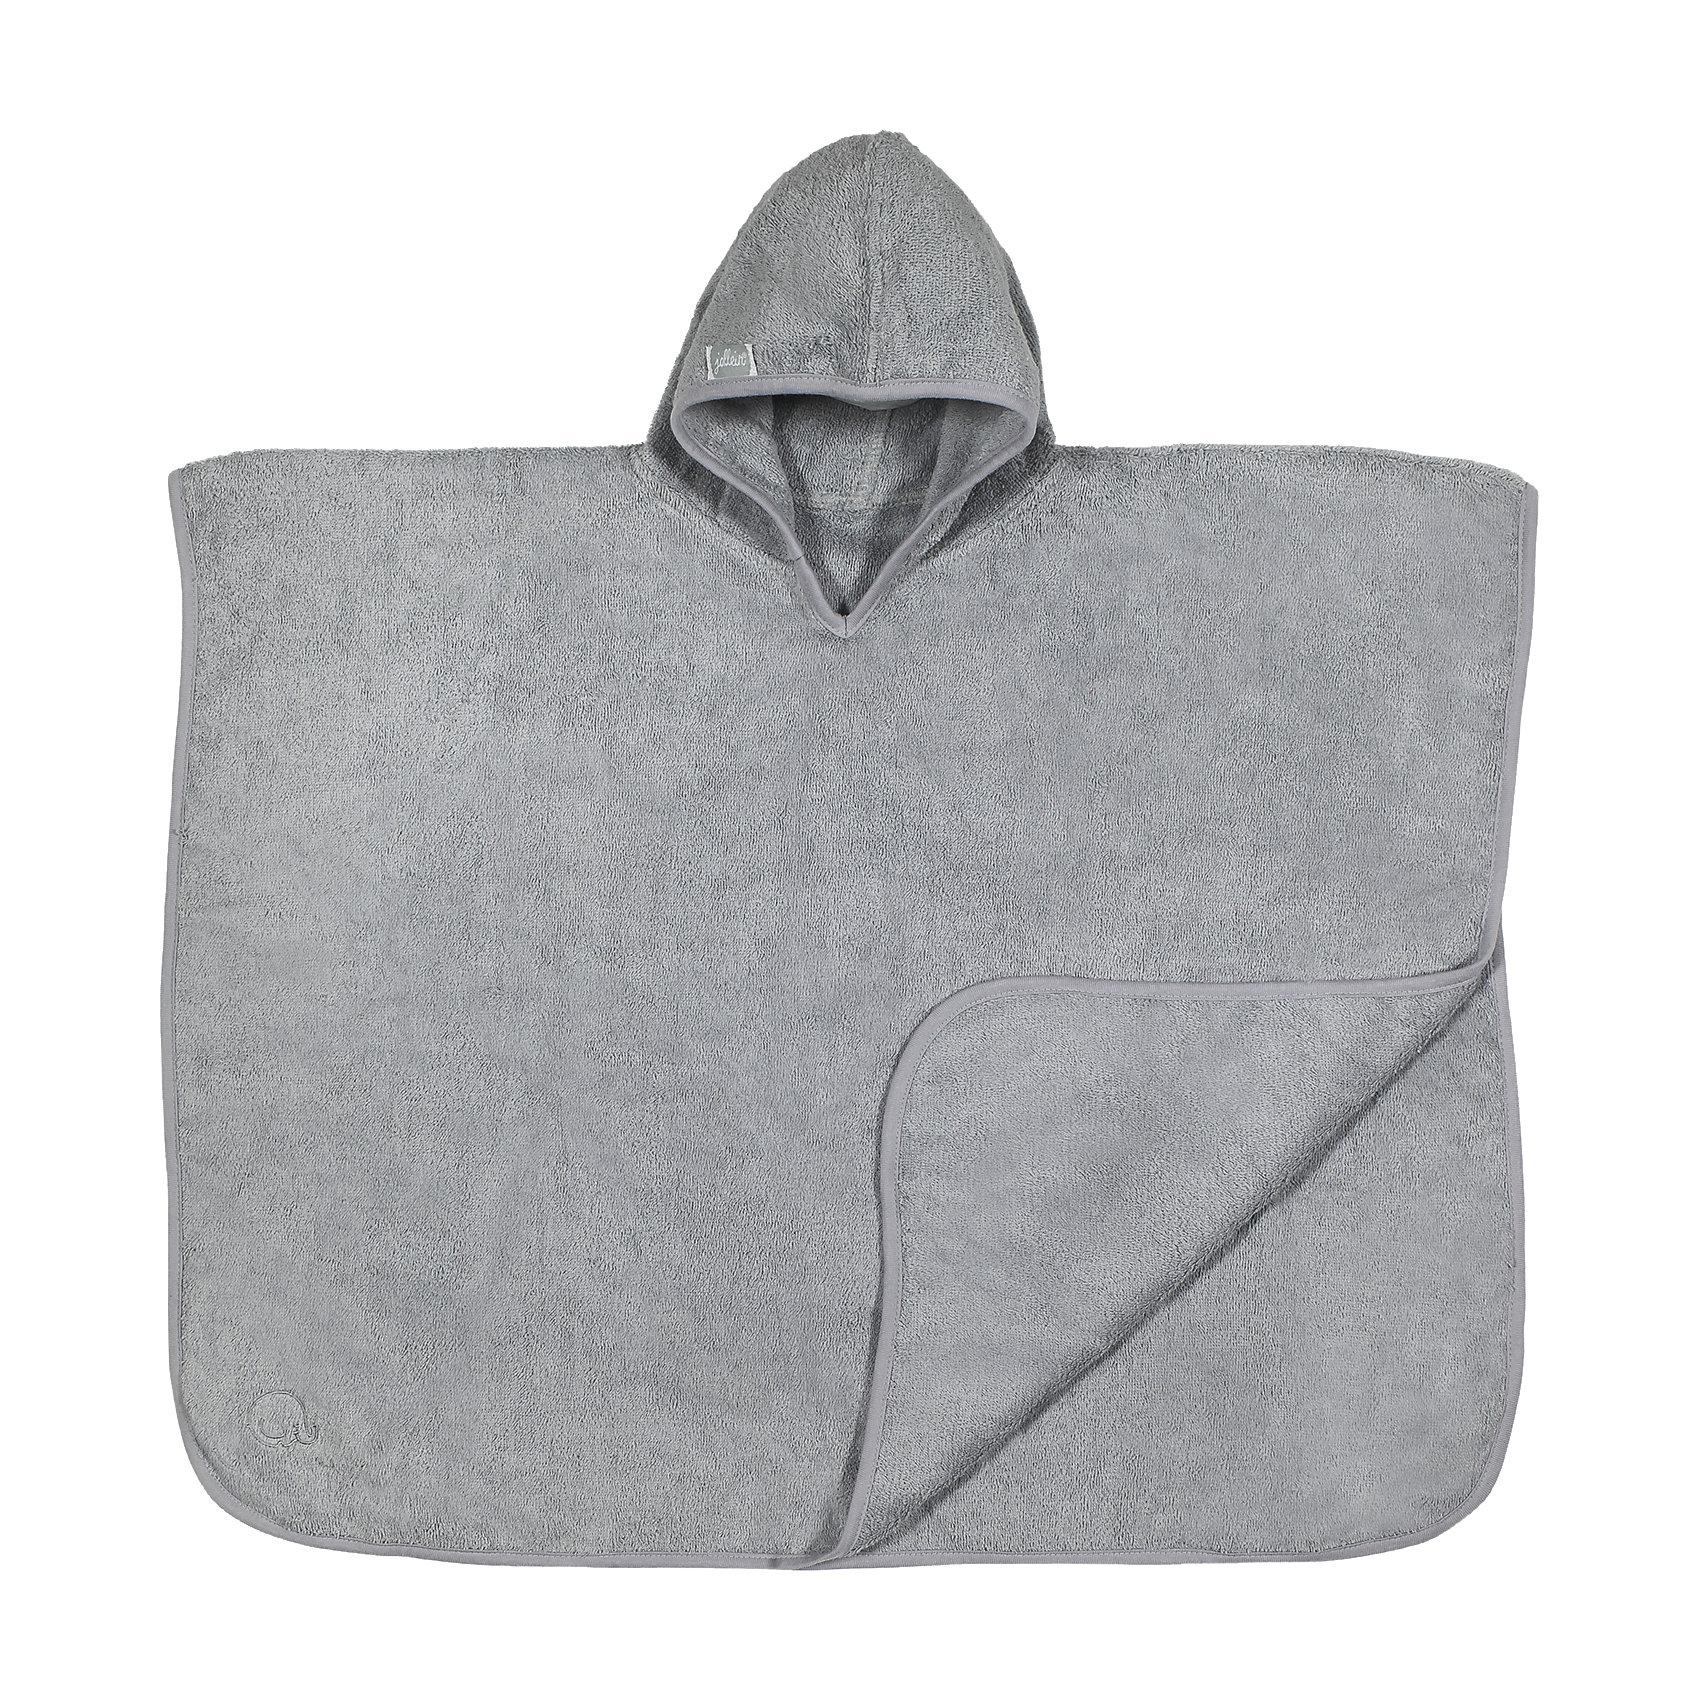 Полотенце-пончо 60 х70 см, Jollein, GreyПляжные полотенца<br>Характеристики:<br><br>• тип полотенца: полотенце-пончо с капюшоном;<br>• обладает хорошей впитывающей способностью; <br>• мягкое полотенце, приятное на ощупь;<br>• материал: плотная махра, длинный ворс;<br>• плотность: 360 гр;<br>• состав ткани: 100% хлопок;<br>• размер: 60х70 см.<br><br>Полотенце-пончо с капюшоном идеально подходит для укутывания малыша после купания. Водные процедуры разогревают малыша, полотенце-пончо впитает остатки влаги, позволяя при этом коже дышать.<br><br>Полотенце-пончо 60 х70 см, Jollein, Grey можно купить в нашем интернет-магазине.<br><br>Ширина мм: 302<br>Глубина мм: 307<br>Высота мм: 63<br>Вес г: 379<br>Цвет: серый<br>Возраст от месяцев: 0<br>Возраст до месяцев: 36<br>Пол: Унисекс<br>Возраст: Детский<br>SKU: 4419129